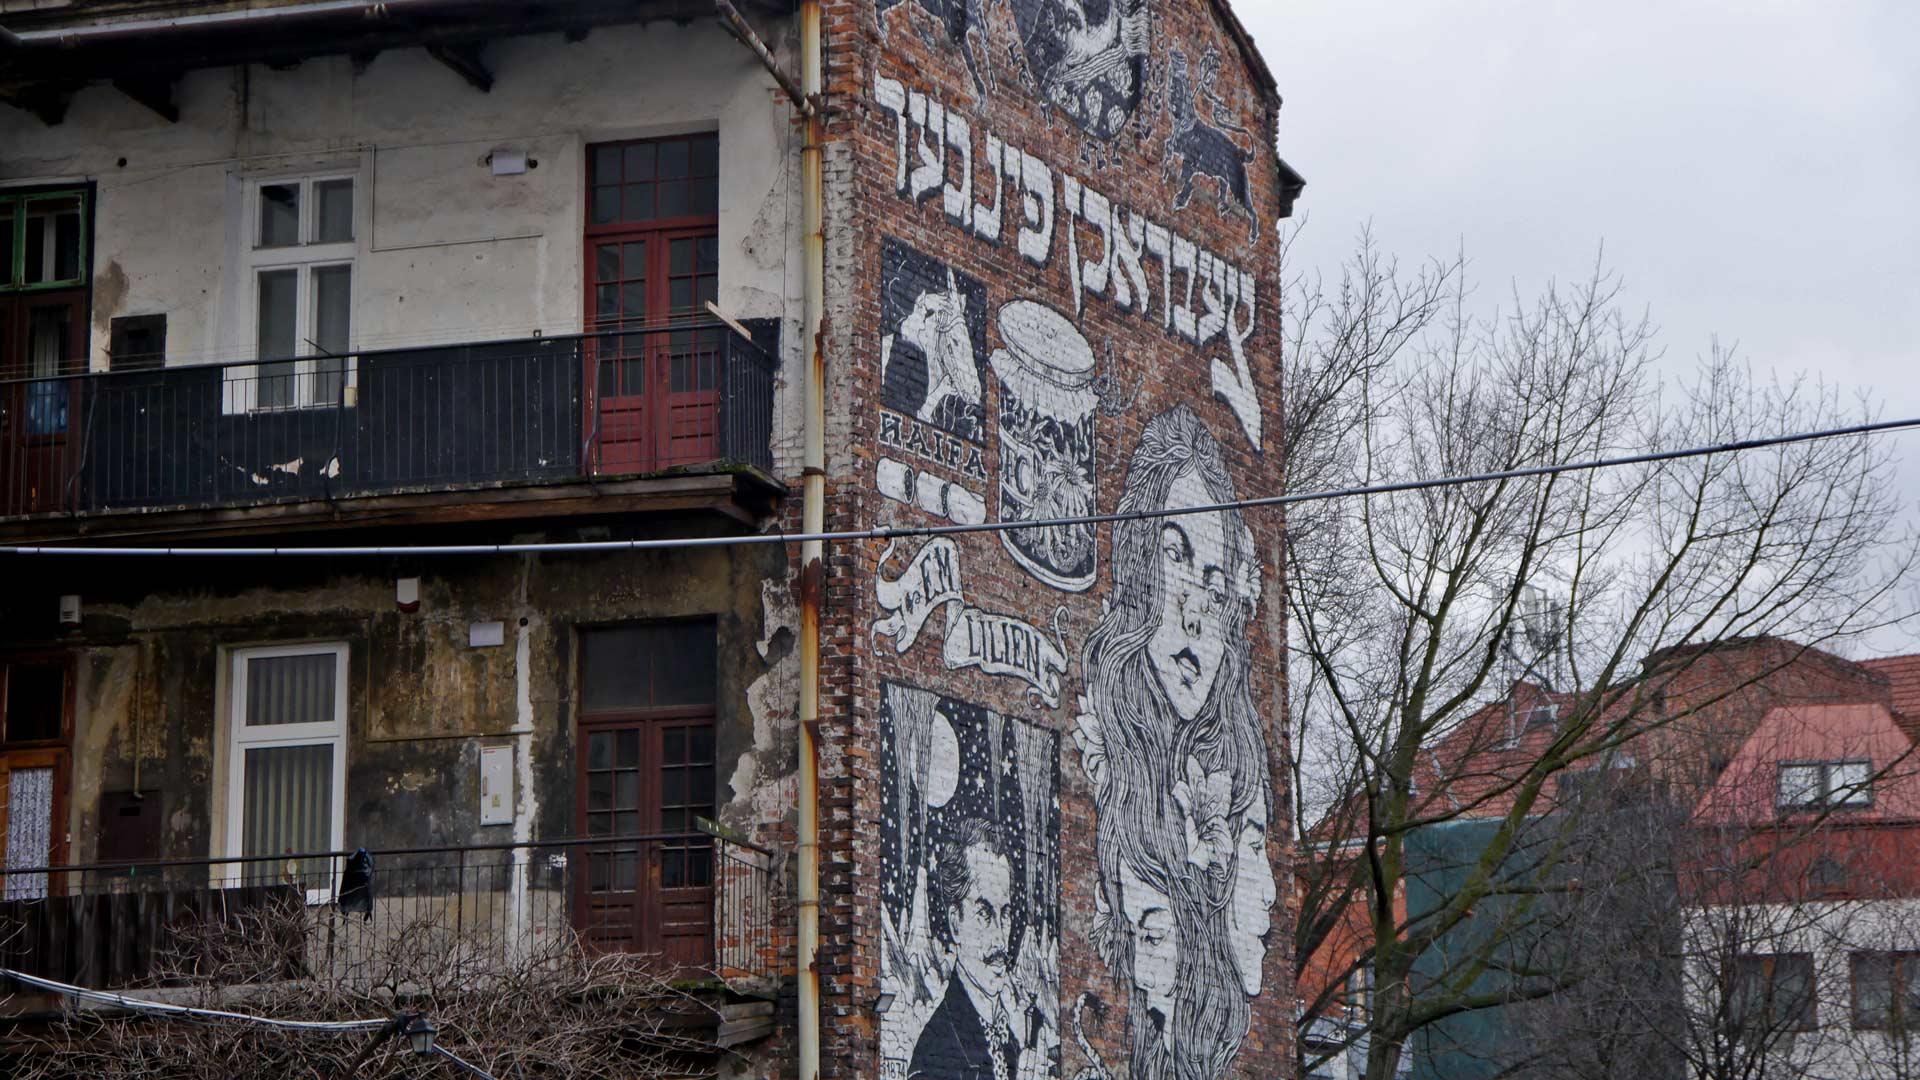 Krakaus historisches jüdisches Viertel: Kazimierz